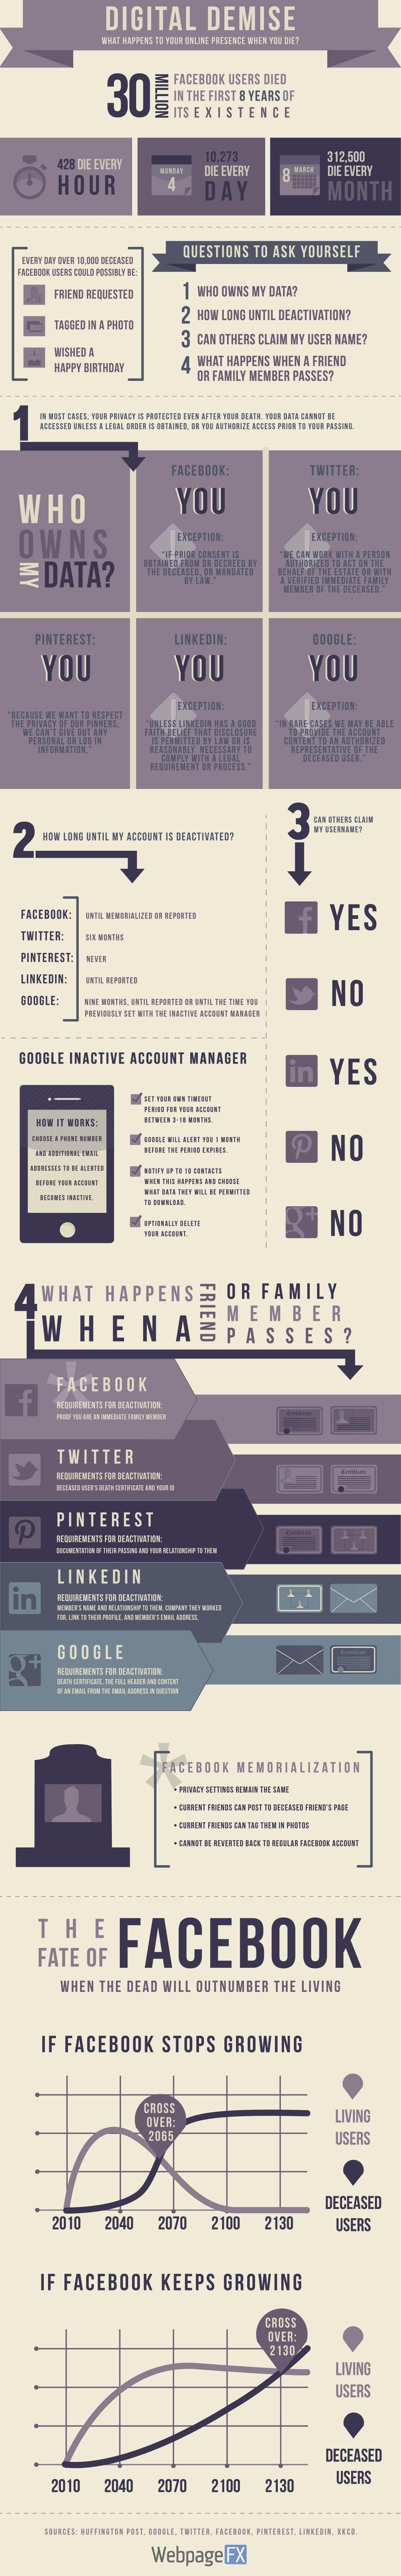 Qué pasa con tus perfiles en Redes Sociales cuando mueres